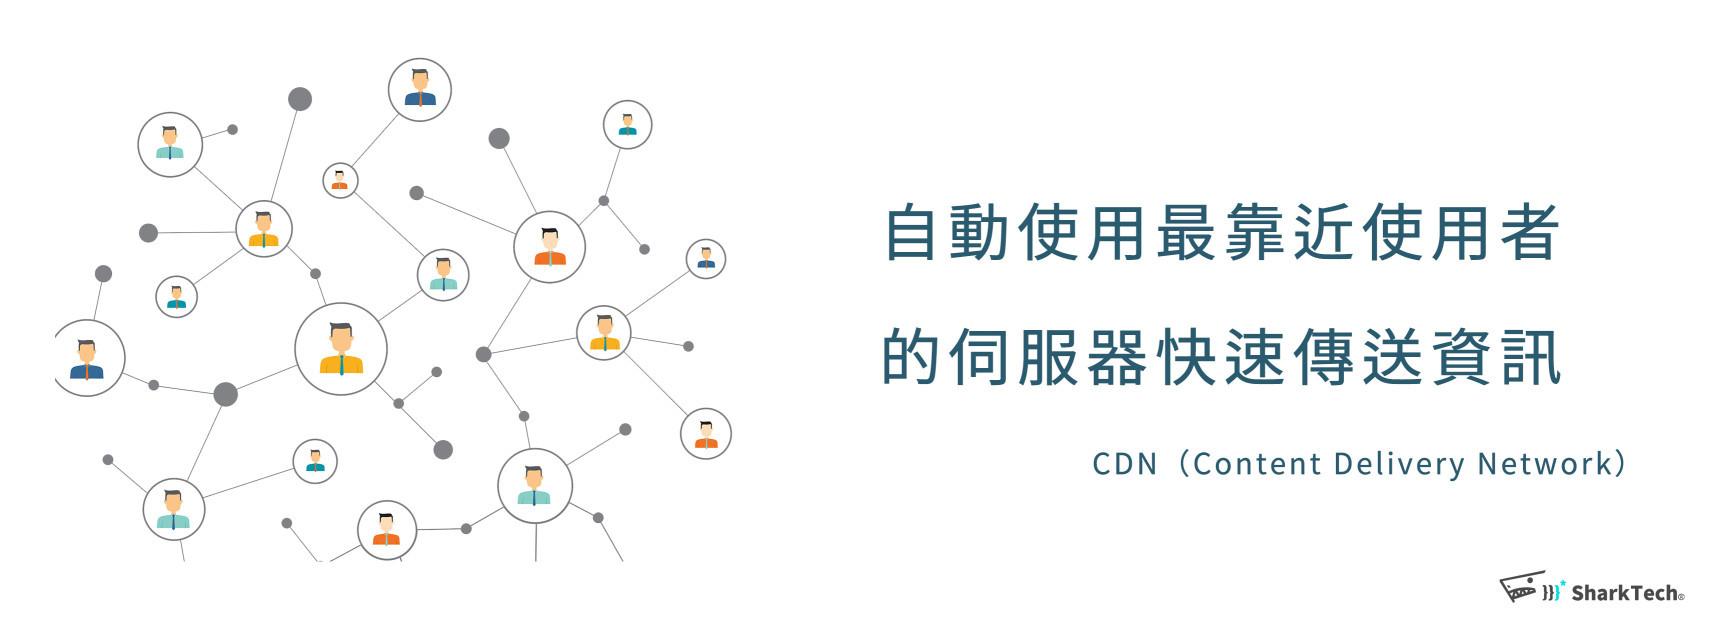 CDN快取服務改善B2B多國語言網站速度-CDN傳輸簡介|鯊客科技SEO網站設計公司